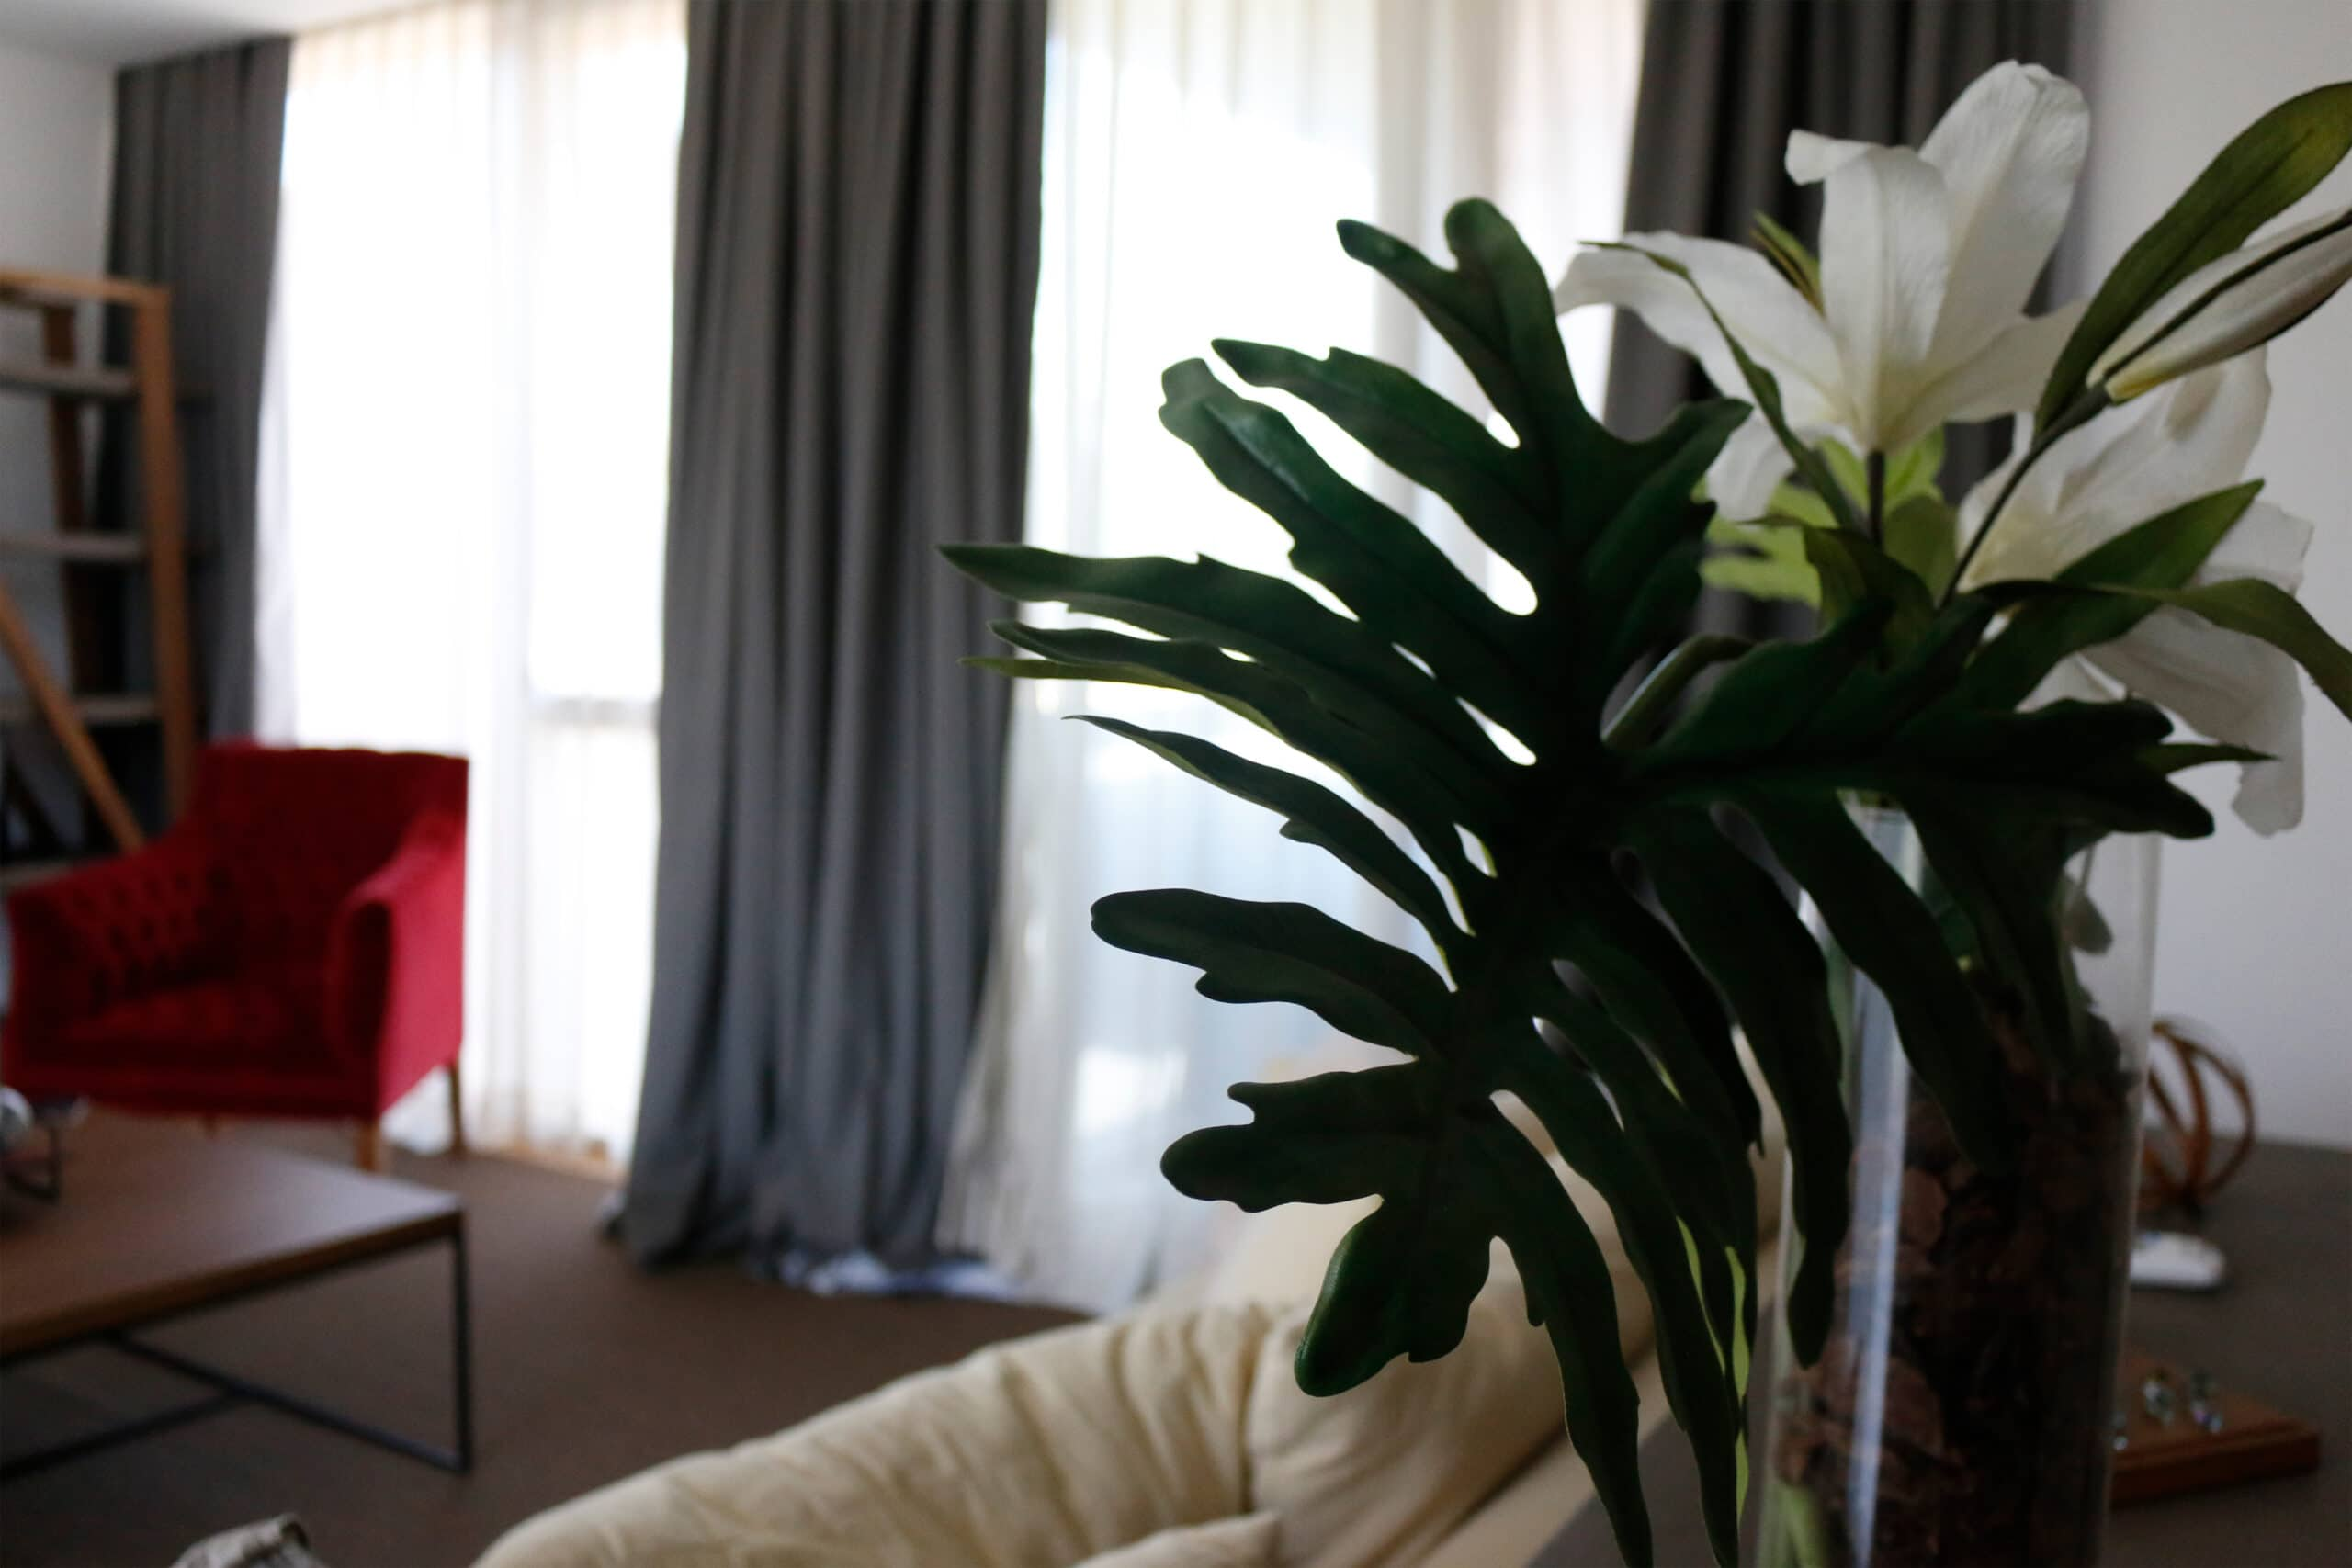 Romina Calzi Arquitectura interiorismo Pedro Moran 3871 1@2x 2